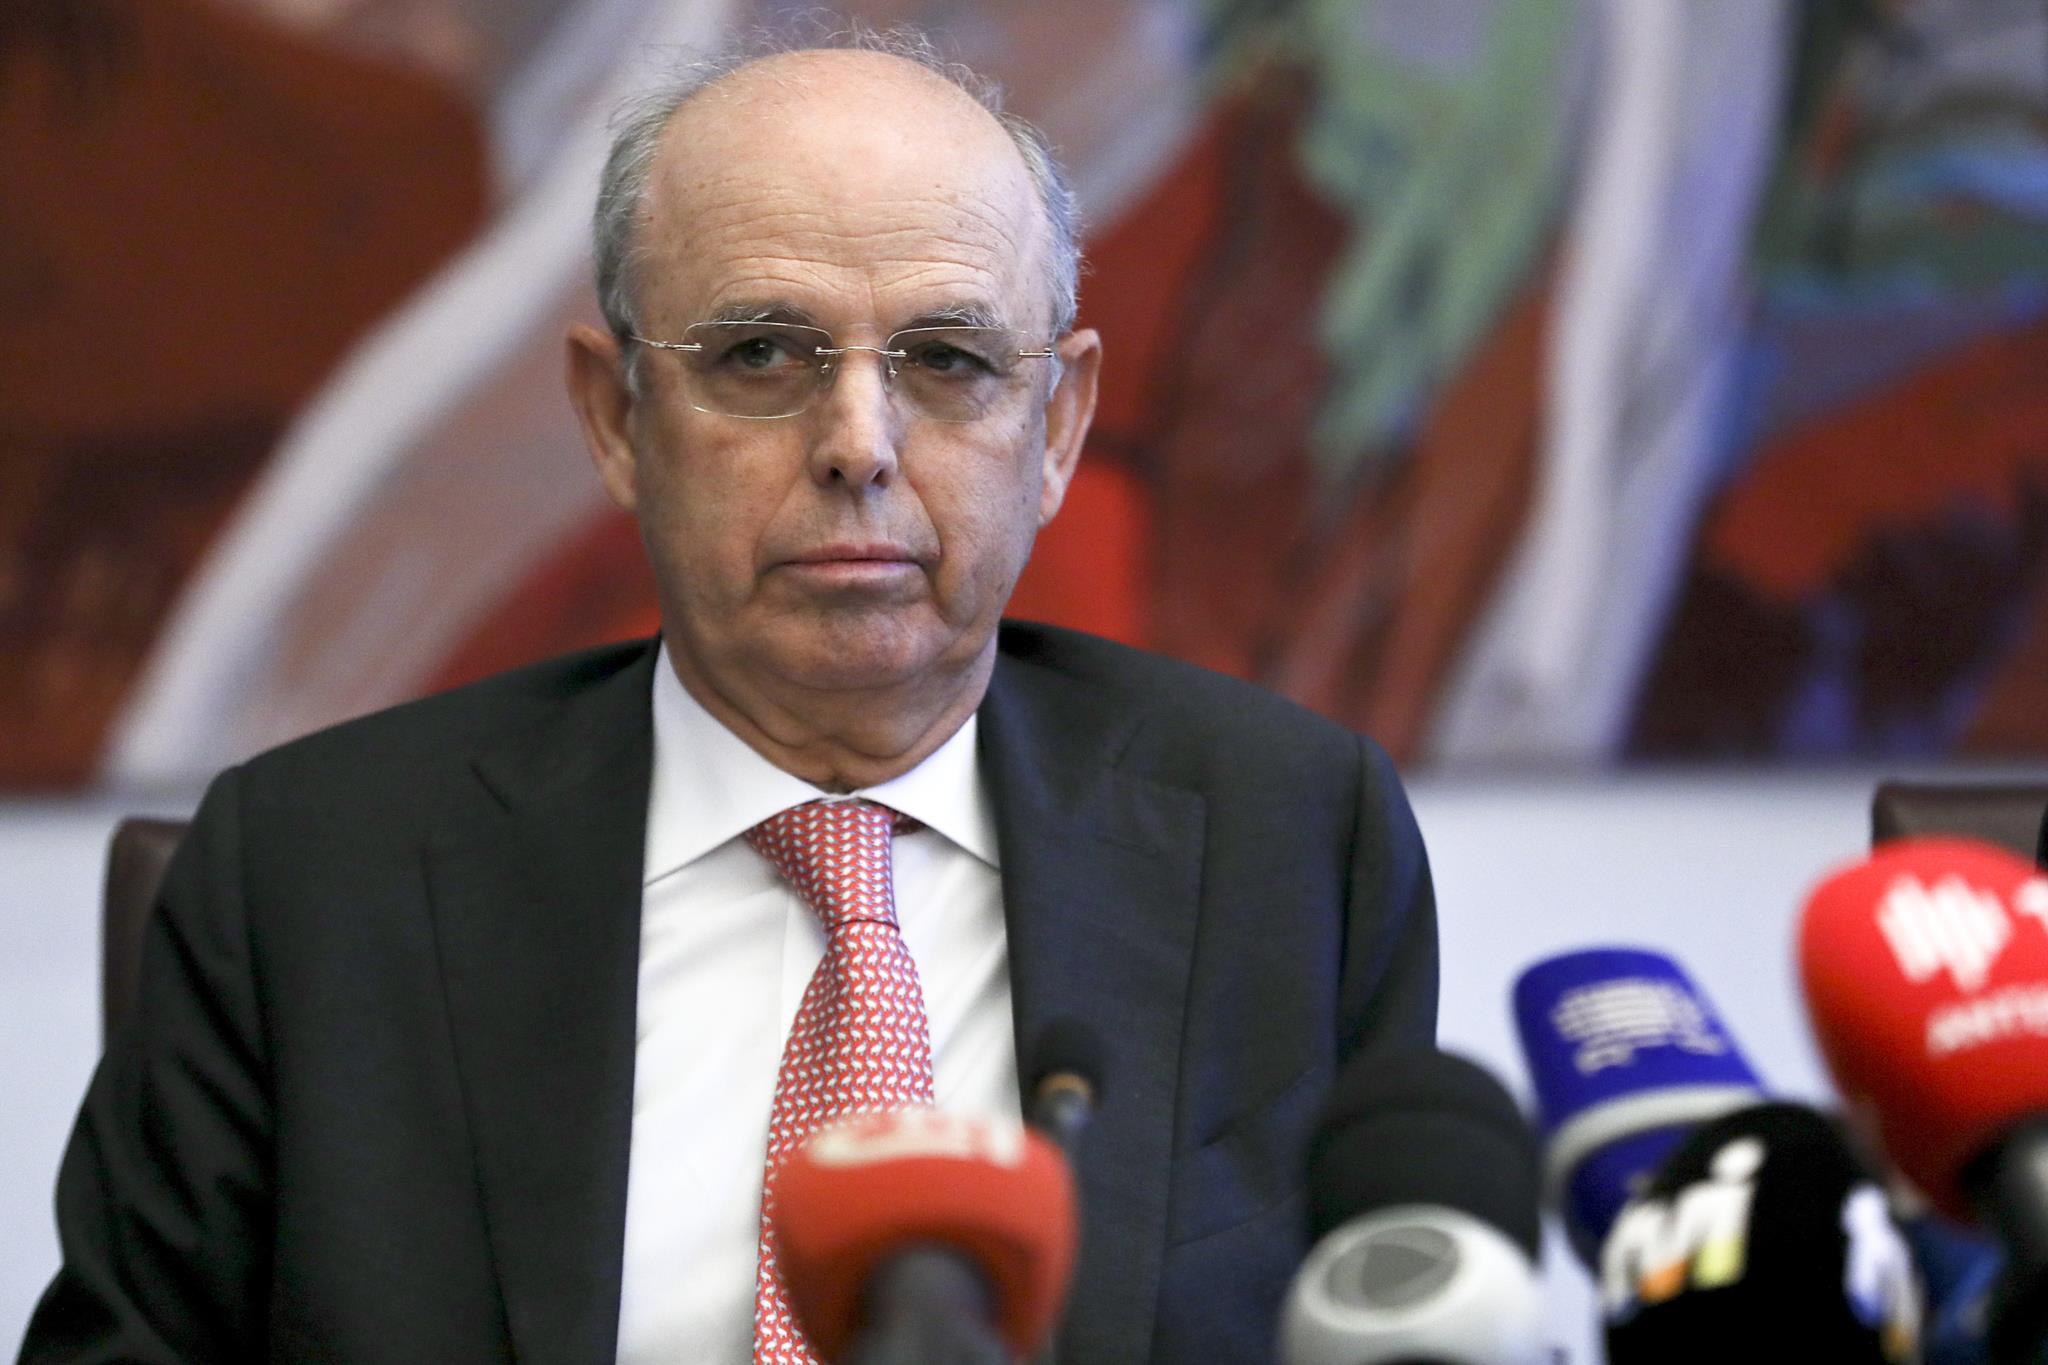 PÚBLICO - Assembleia-geral da Associação Mutualista Montepio adiada